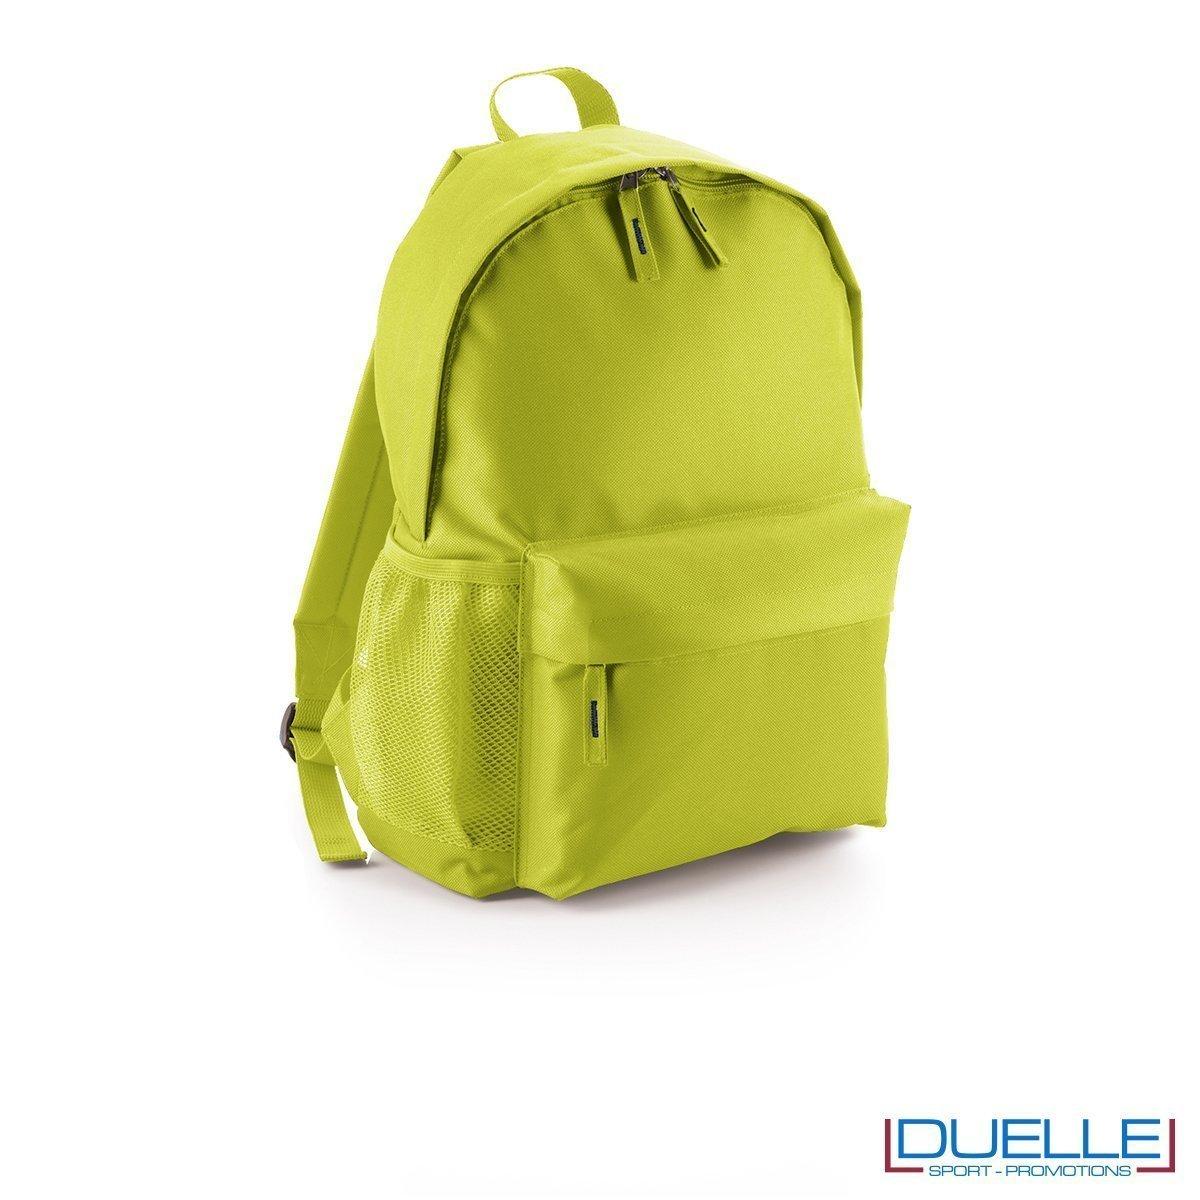 zaino personalizzato verde lime, gadget promozionale sport e tempo libero